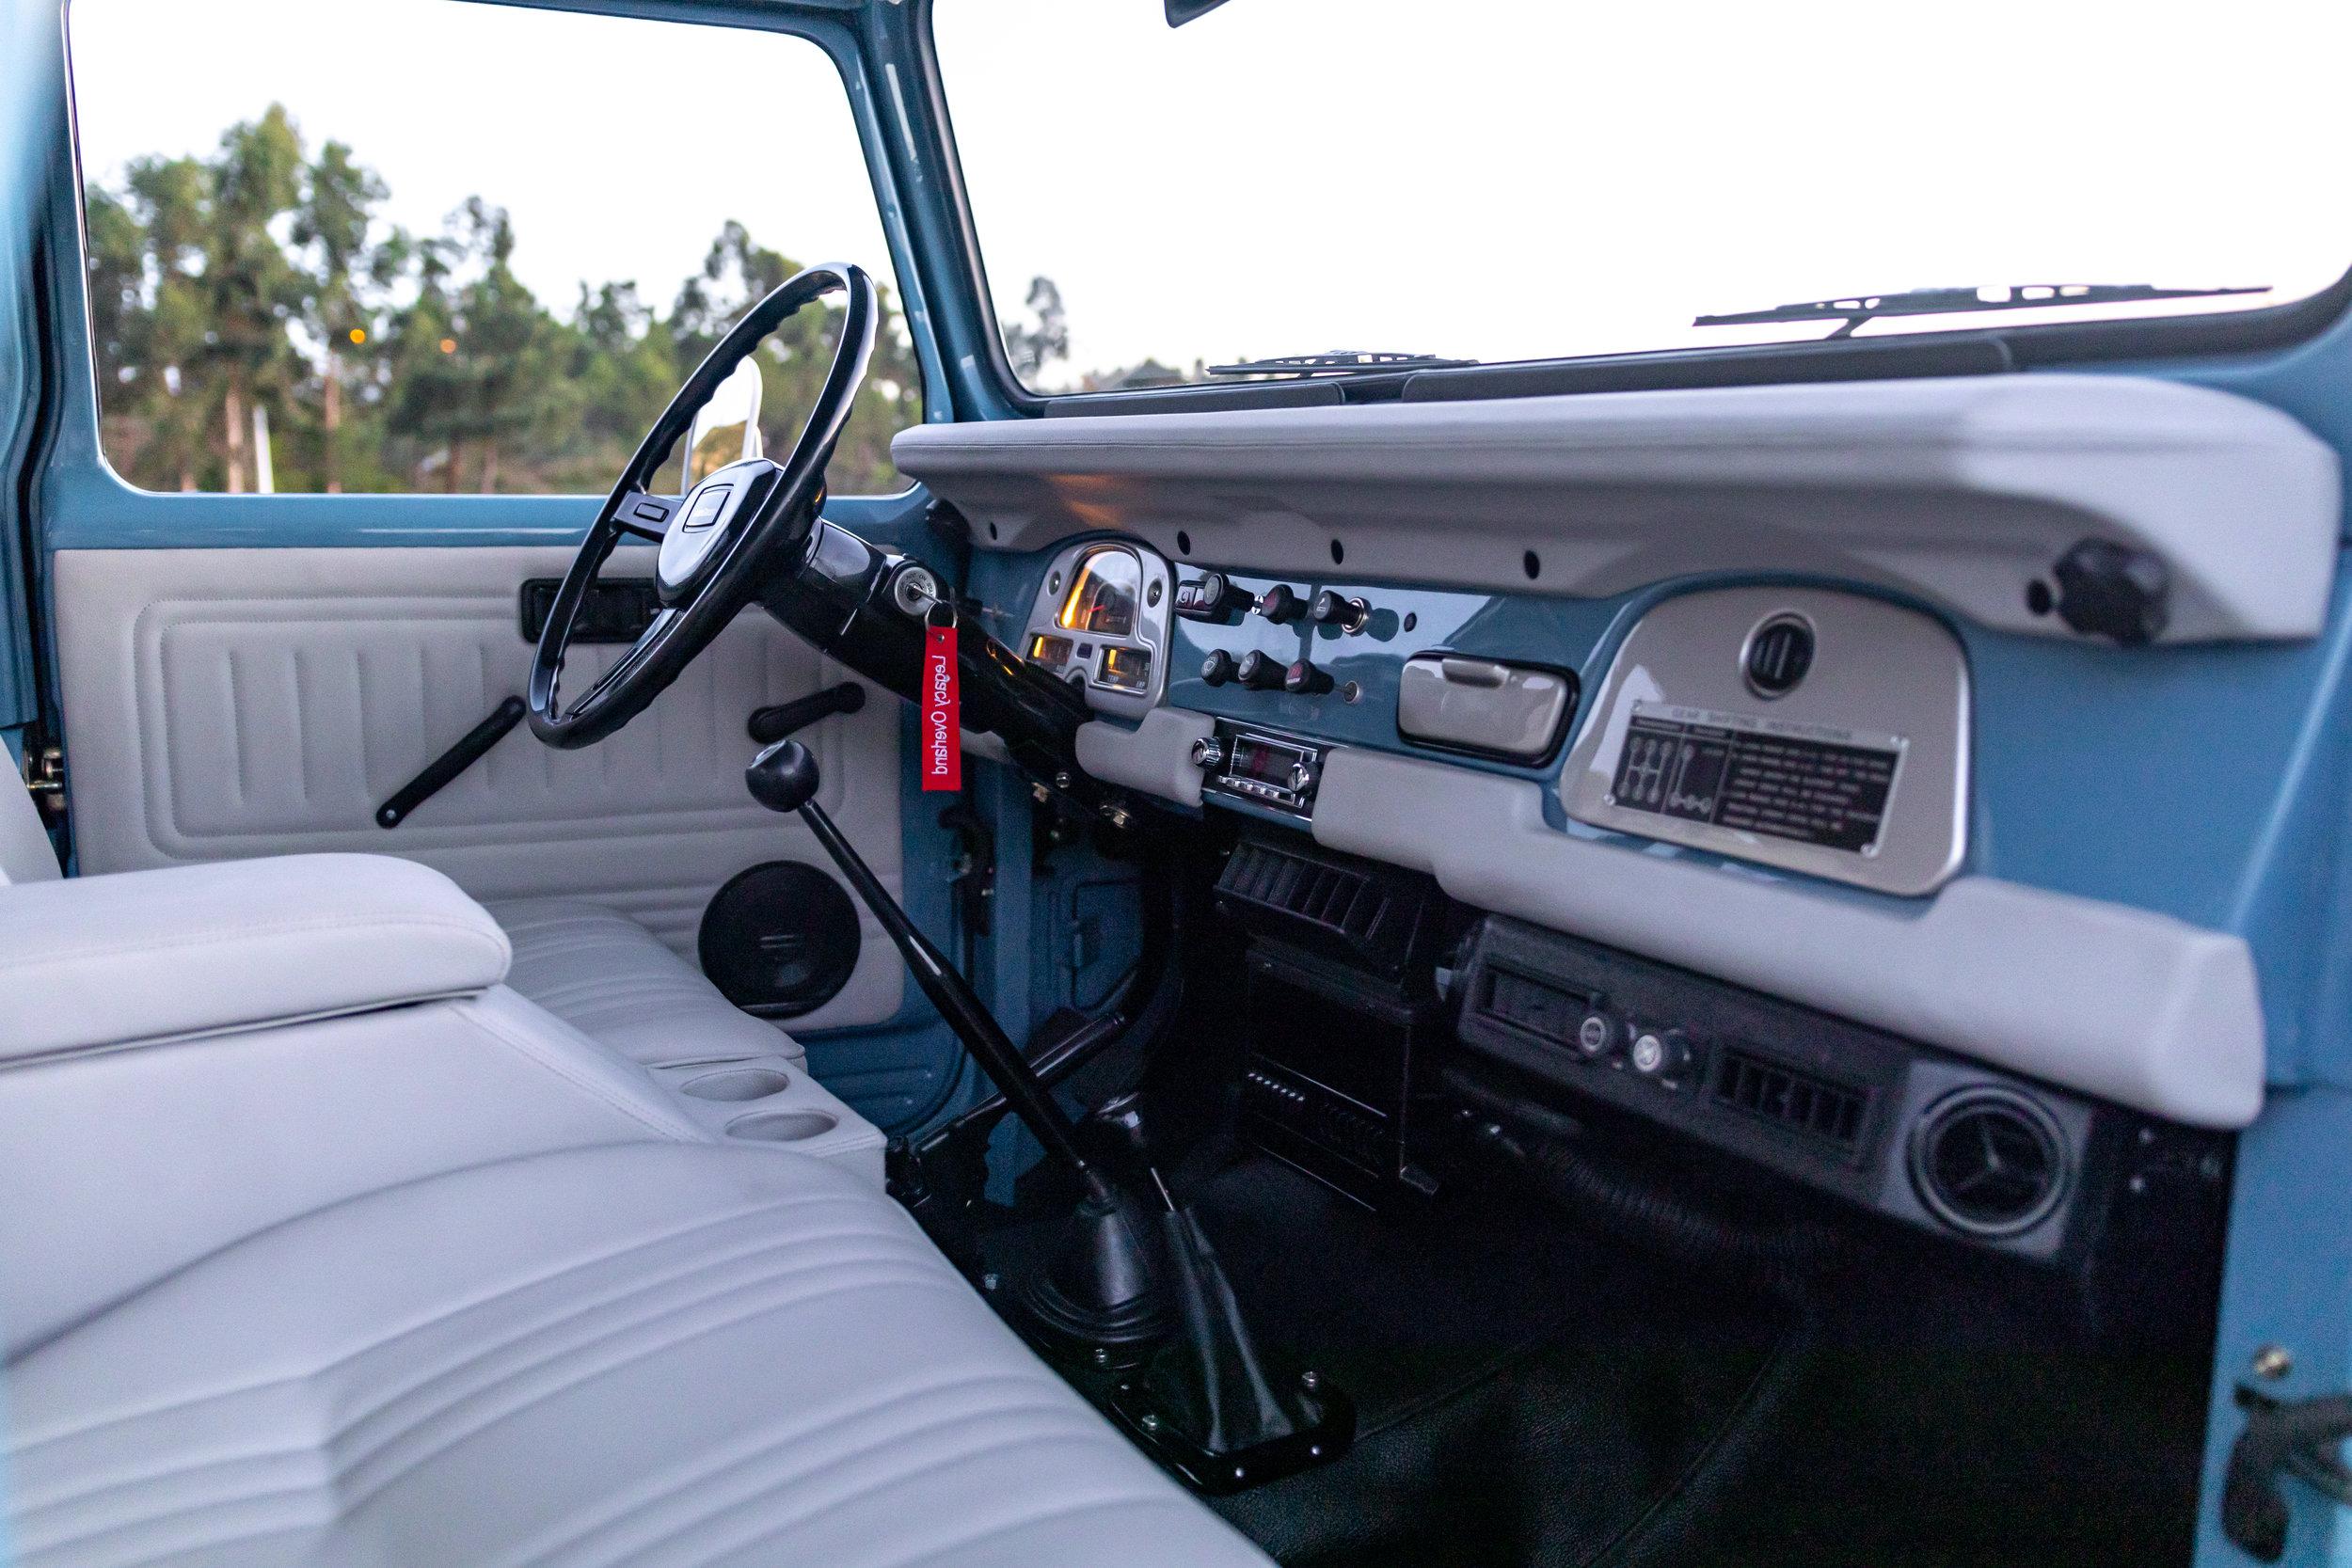 LegacyOverland_Toyota_LandCruiser_FJ40_finished_44.jpg